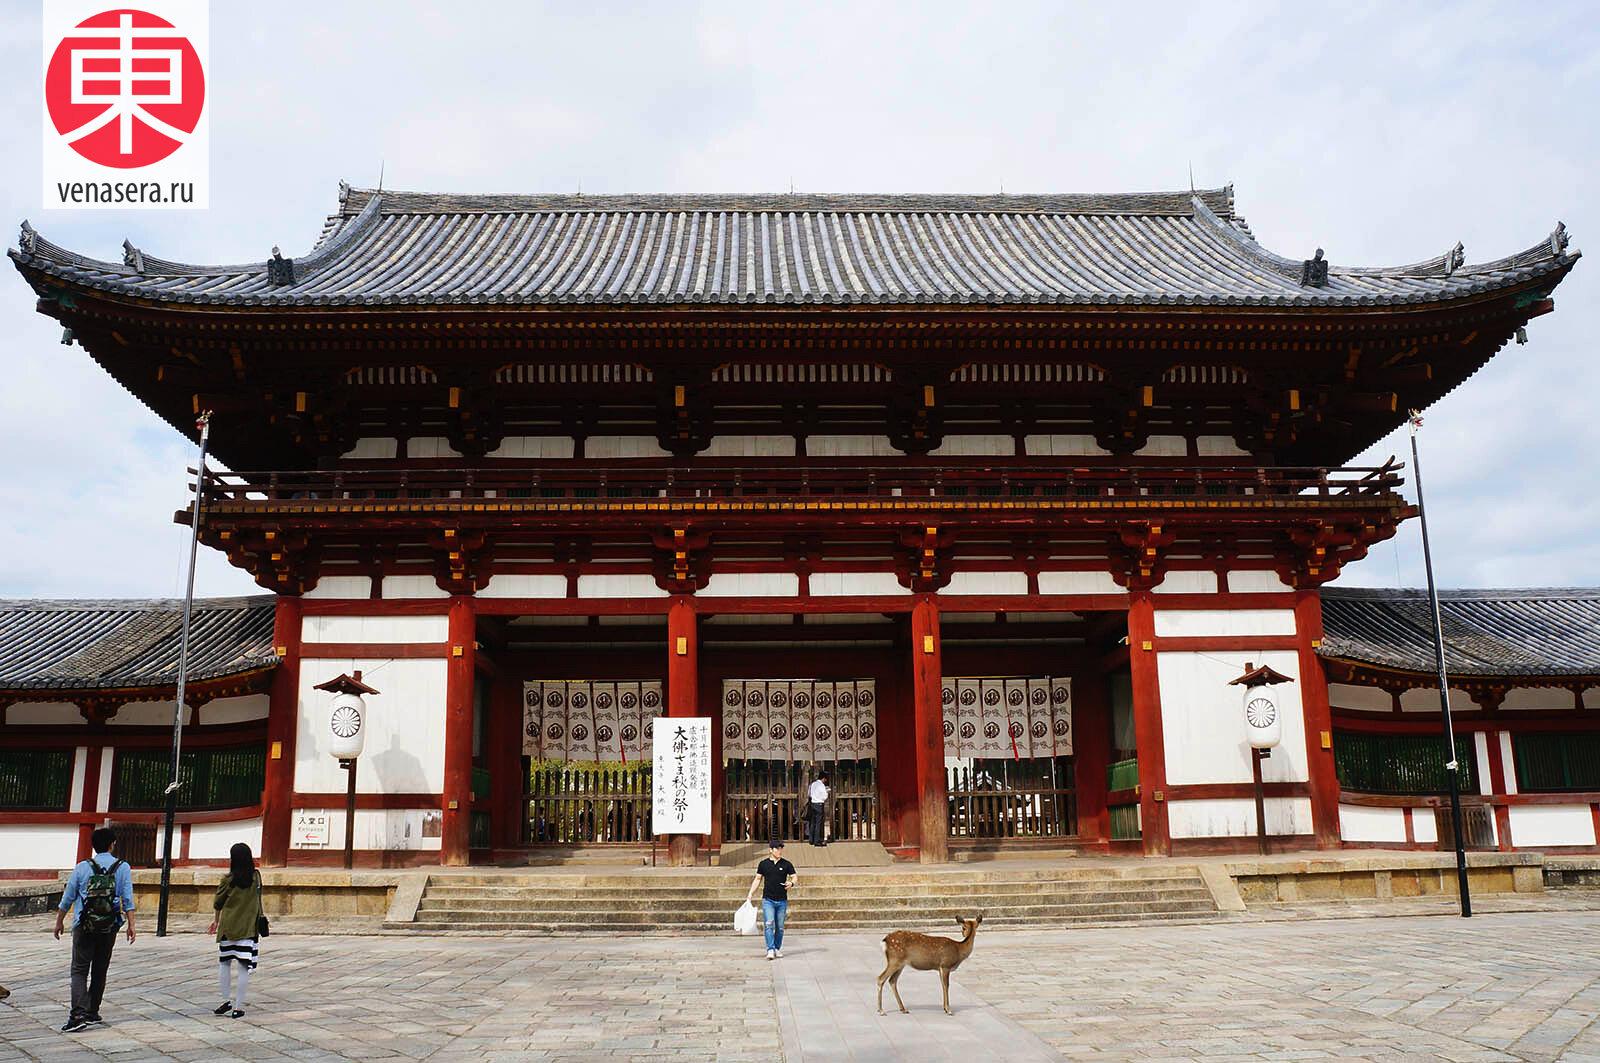 Храм Тодайдзи в Нара, Todaiji, Путешествие в Нара, Поездка в Нара, Олени в г. Нара, Парк Нара, Нара, Nara, 奈良, Япония, Japan, 日本.